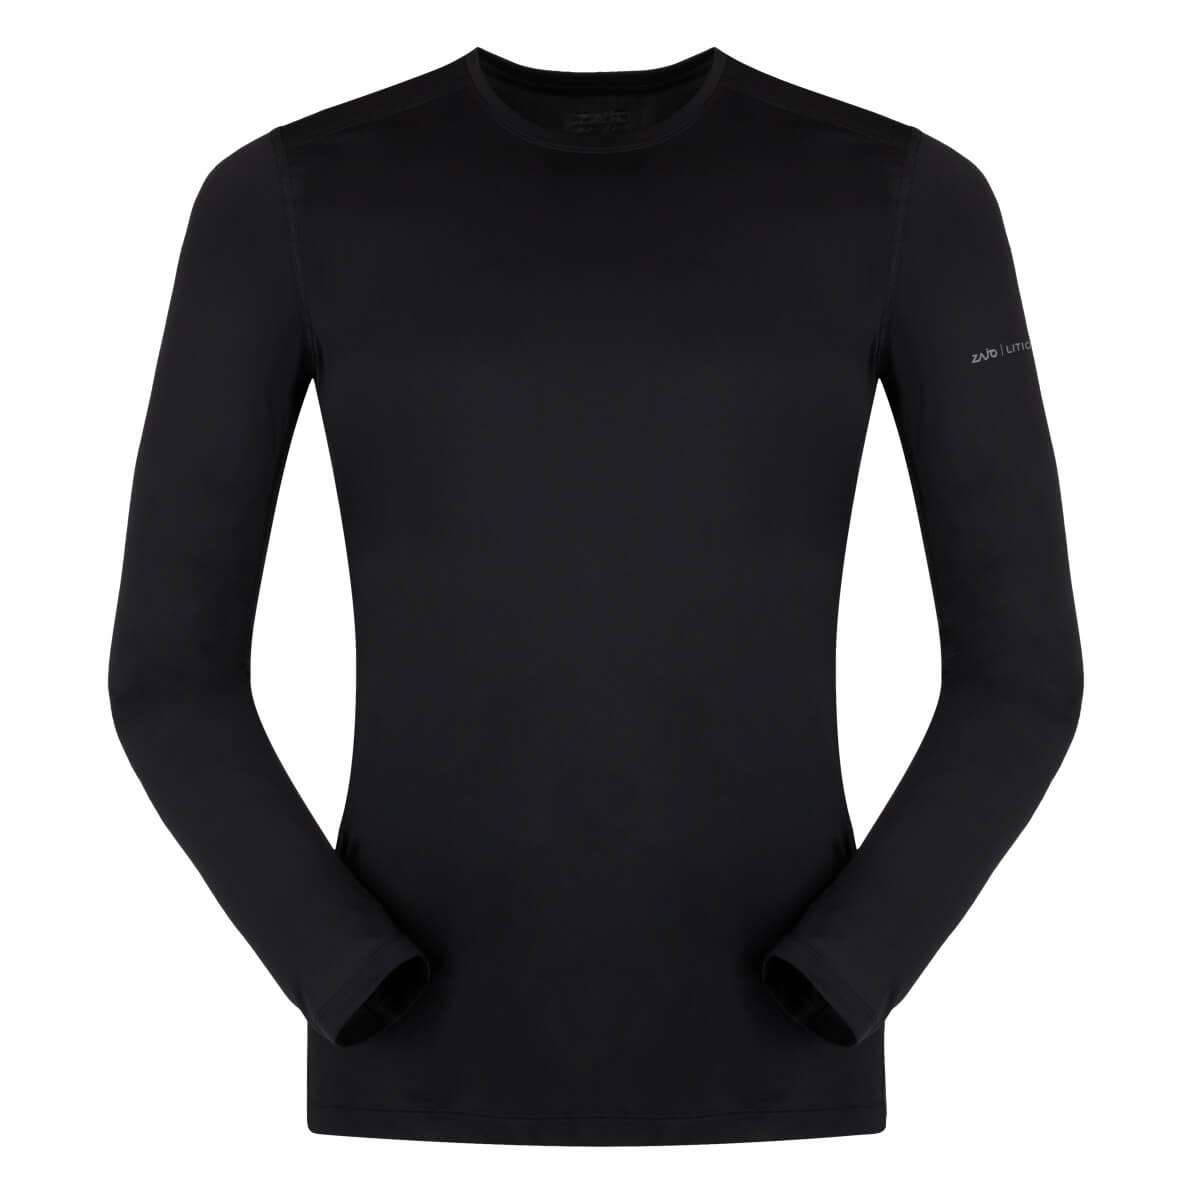 ZAJO Litio T-shirt LS Black pánske tričko - veľkosť S